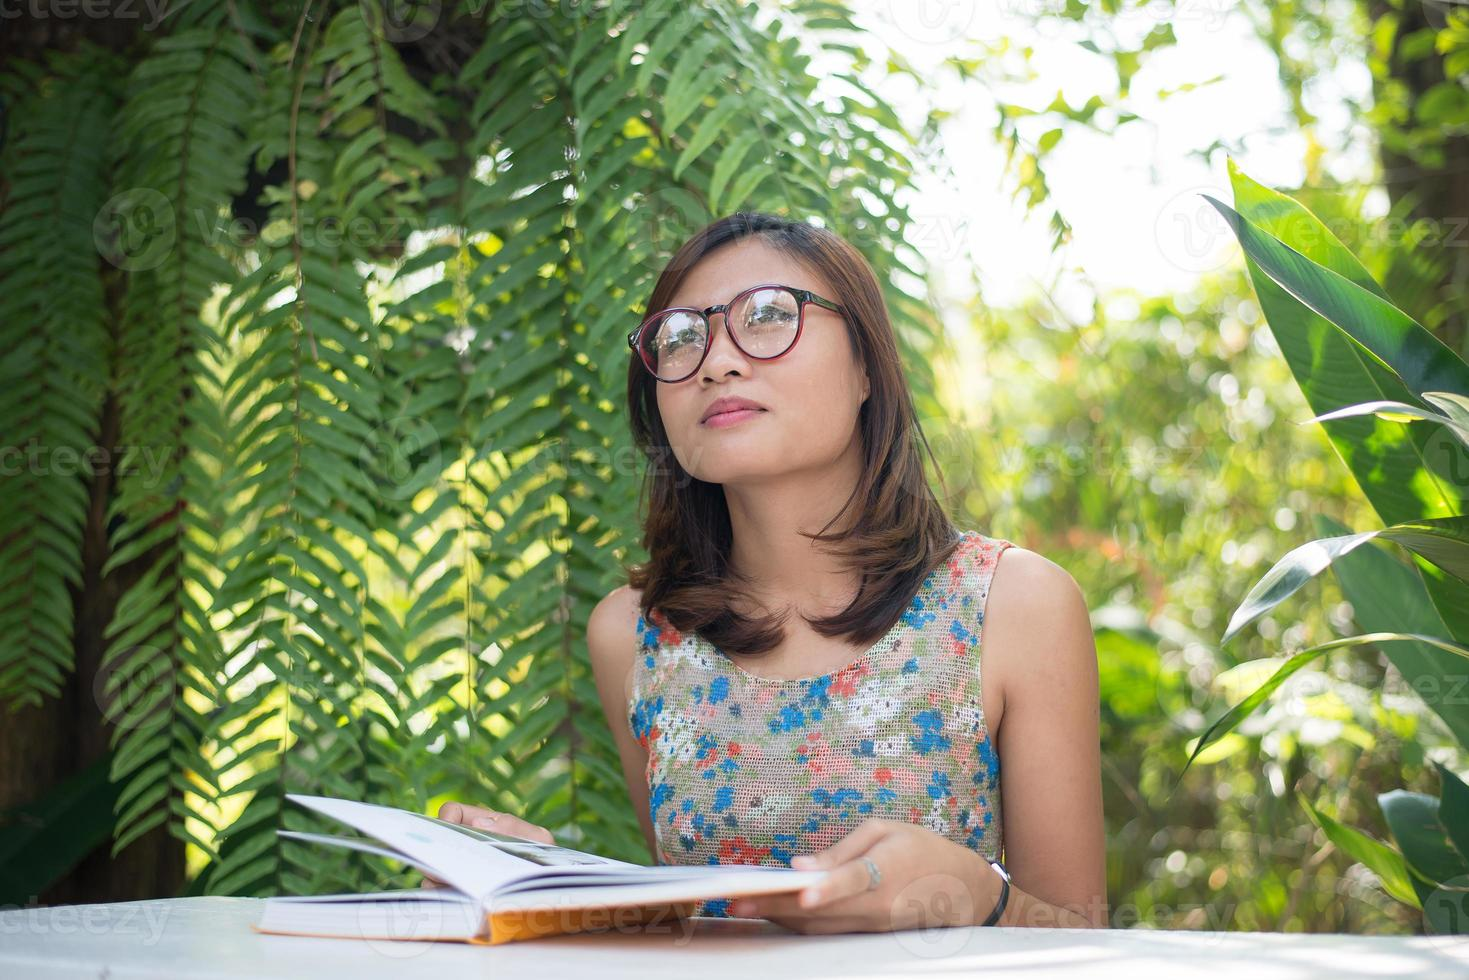 Jeune femme hipster lisant des livres dans le jardin avec la nature photo